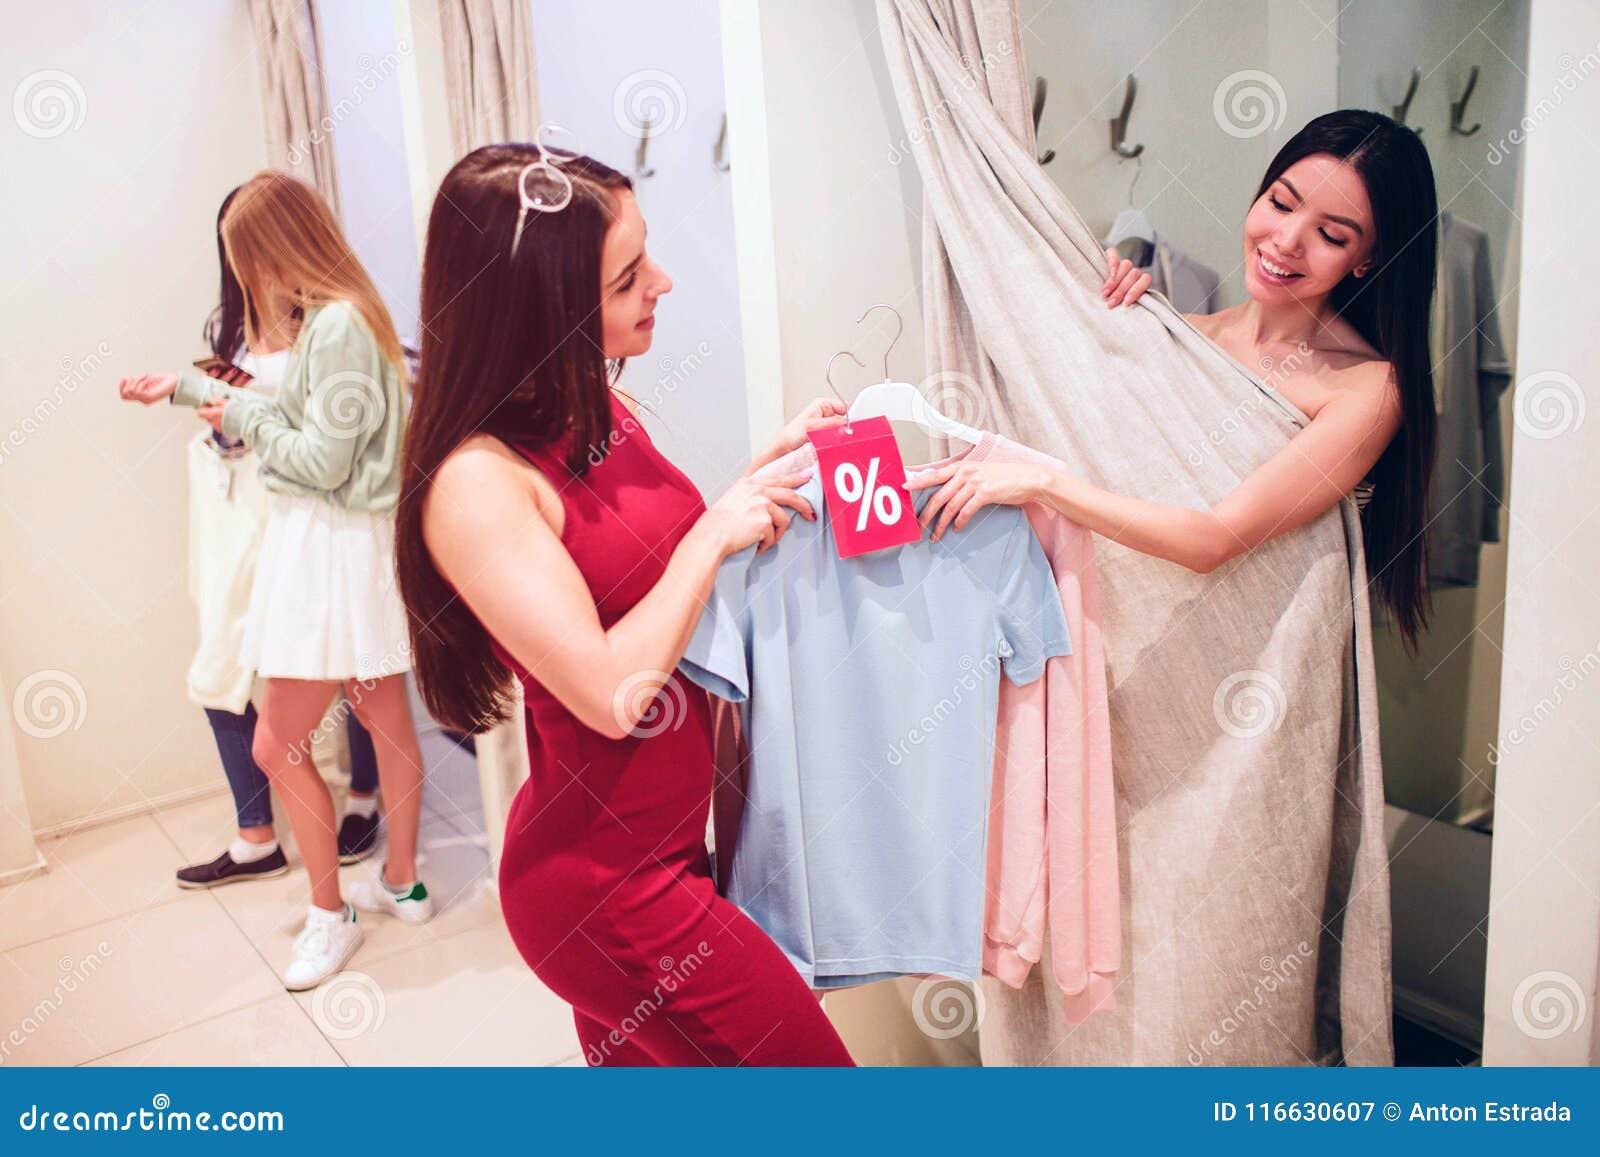 Den asiatiska flickan tar blått, och rosa färger avfärdar skjortor från flicka i röd klänning Hon önskar att försöka dem på henne